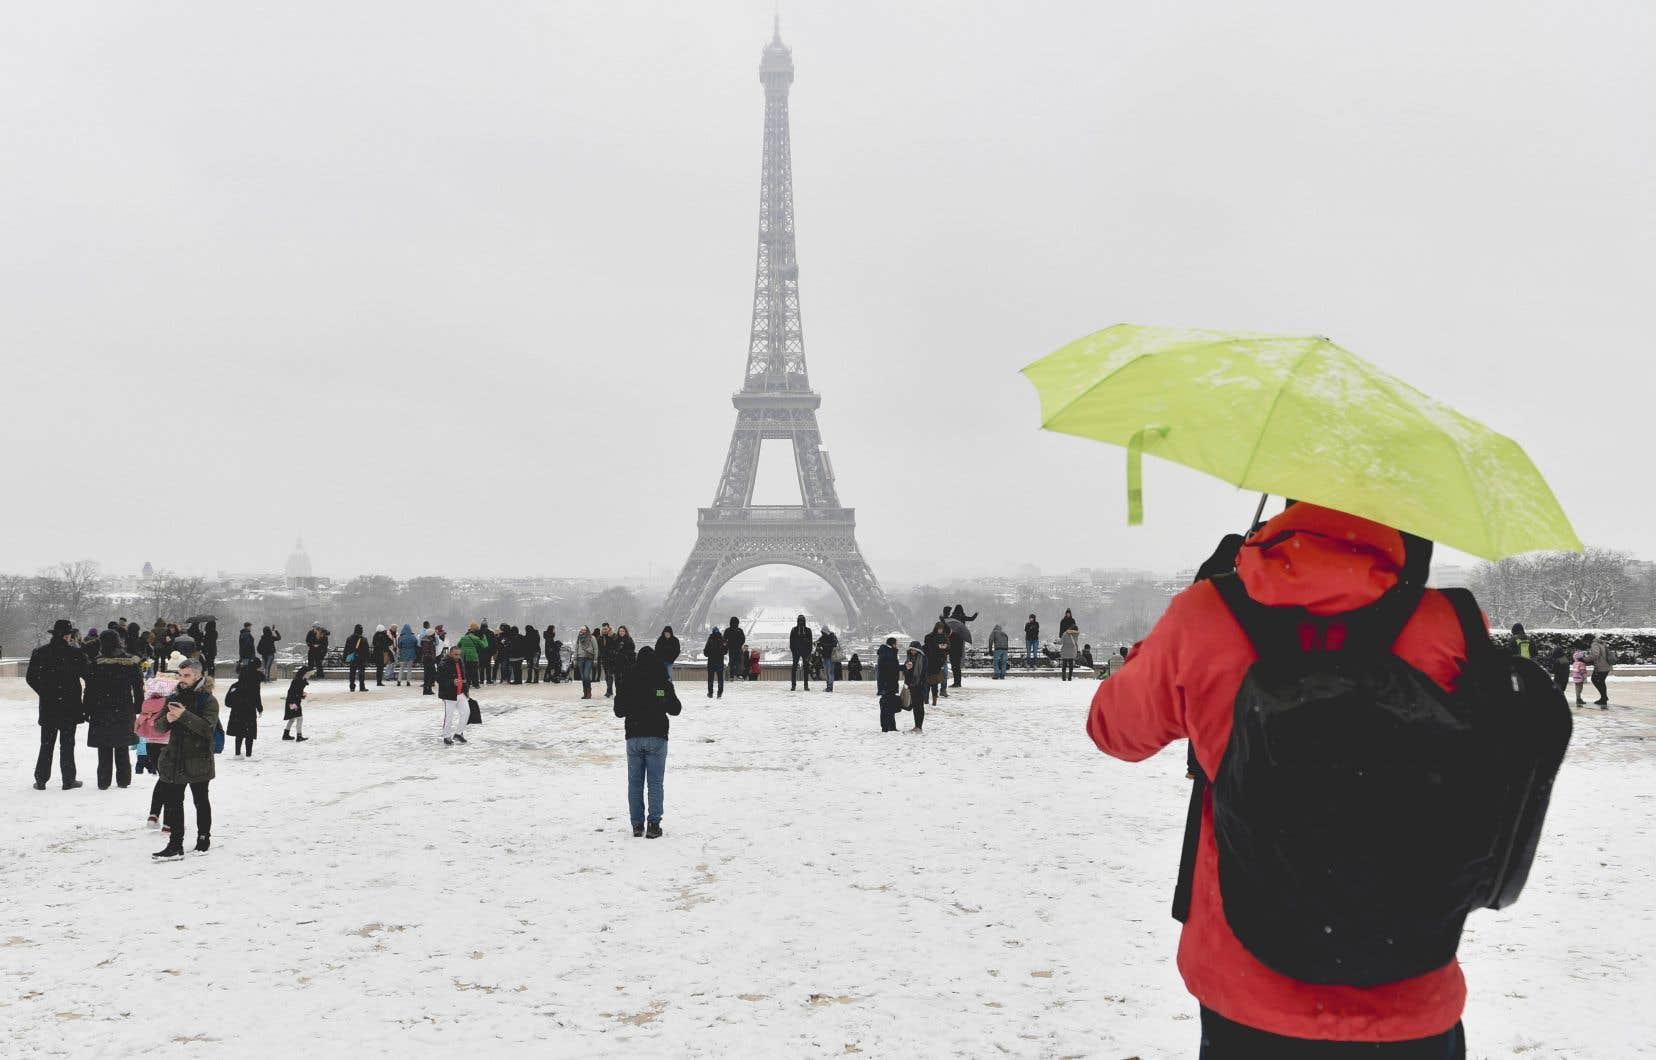 L'Institut de recherche de Potsdam sur les effets du changement climatique présume que la vague de froid que connaît aujourd'hui l'Europe résulte du réchauffement néfaste de l'Arctique, donnant raison à l'écosocialiste Ian Angus.